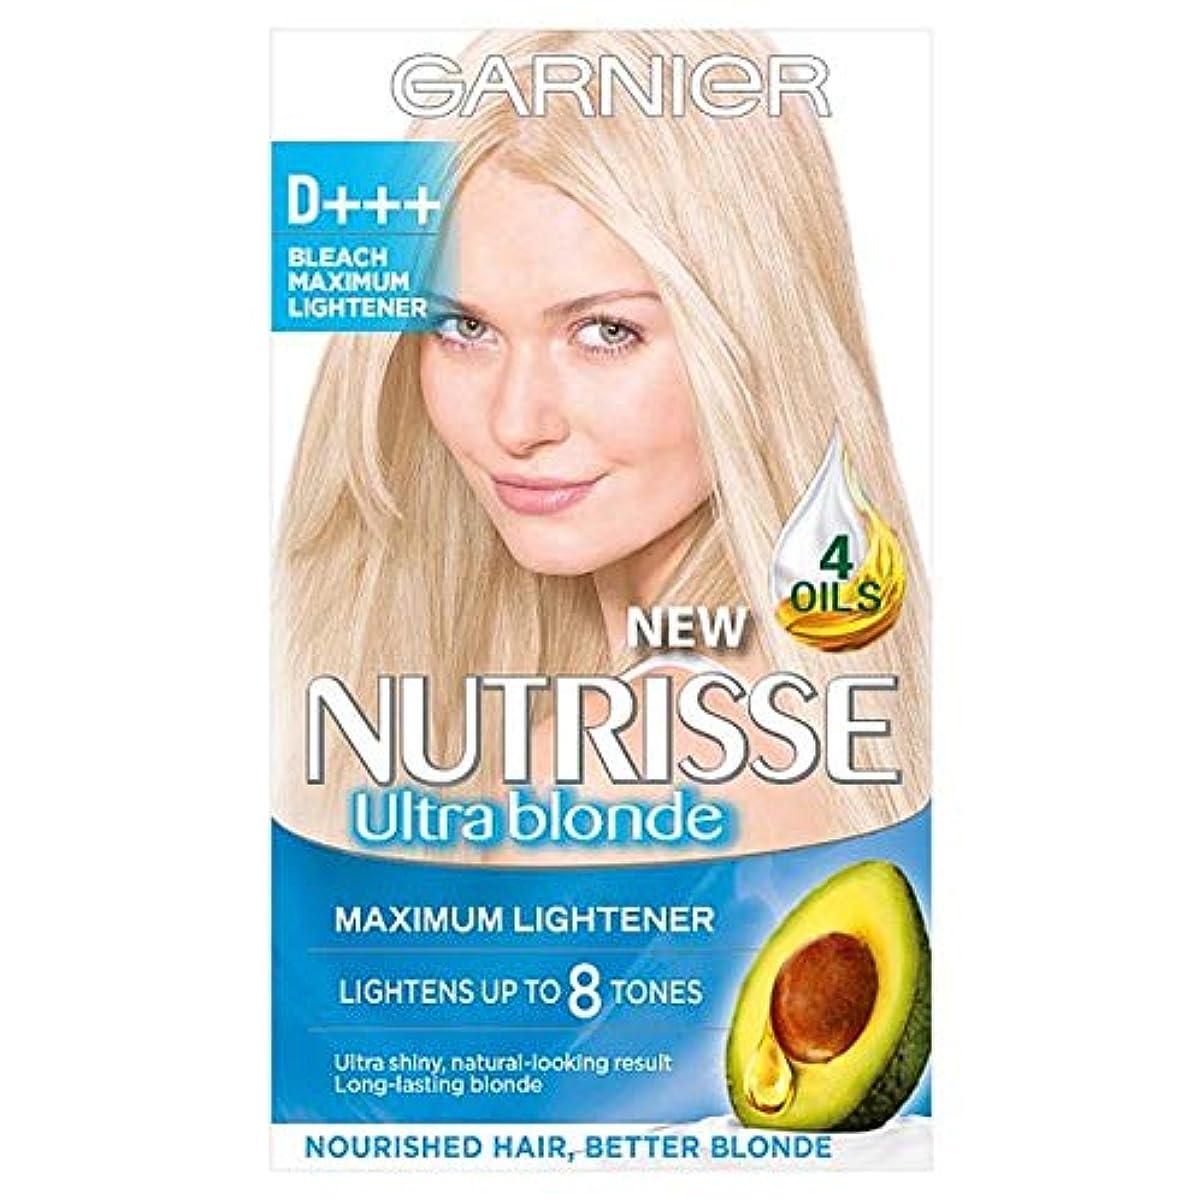 スラックリスキーな降下[Garnier] ガルニエNutrisse D +++ Blchライトナーパーマネントヘアダイ - Garnier Nutrisse D+++ Blch Lightener Permanent Hair Dye [並行輸入品]